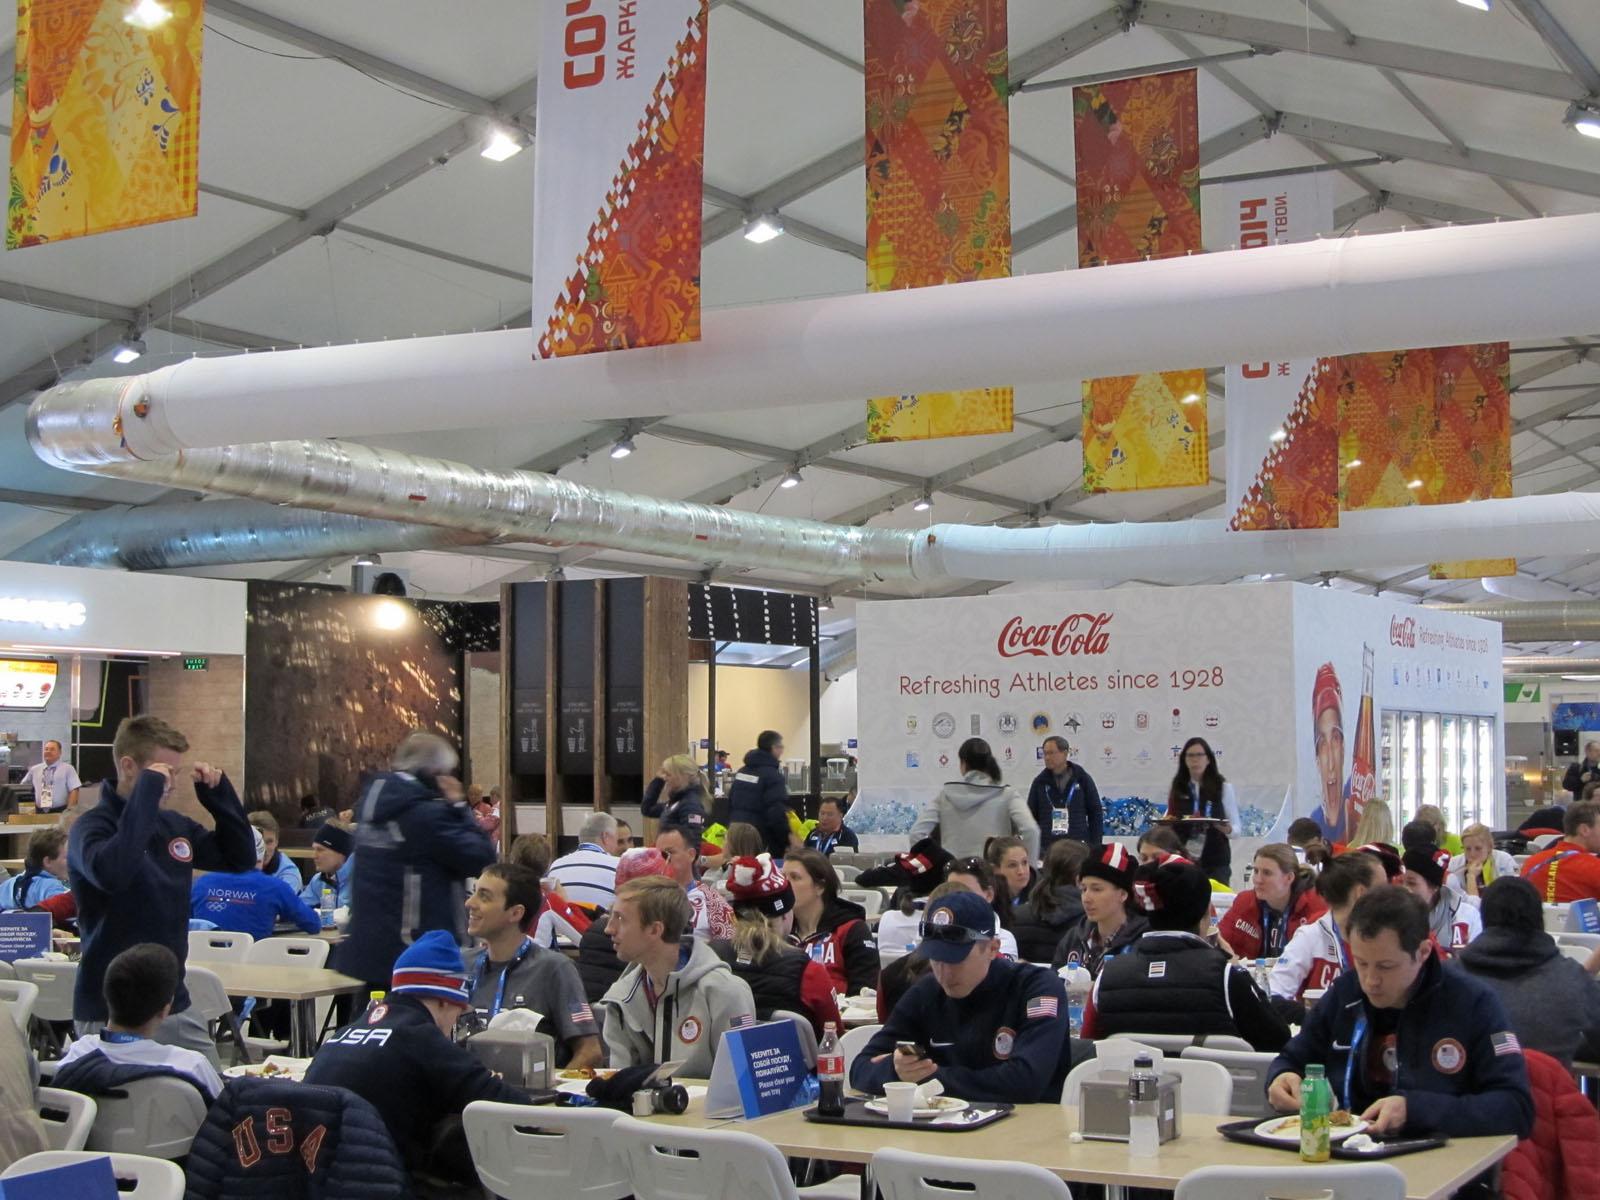 Sochi Athletes Village Dining Hall